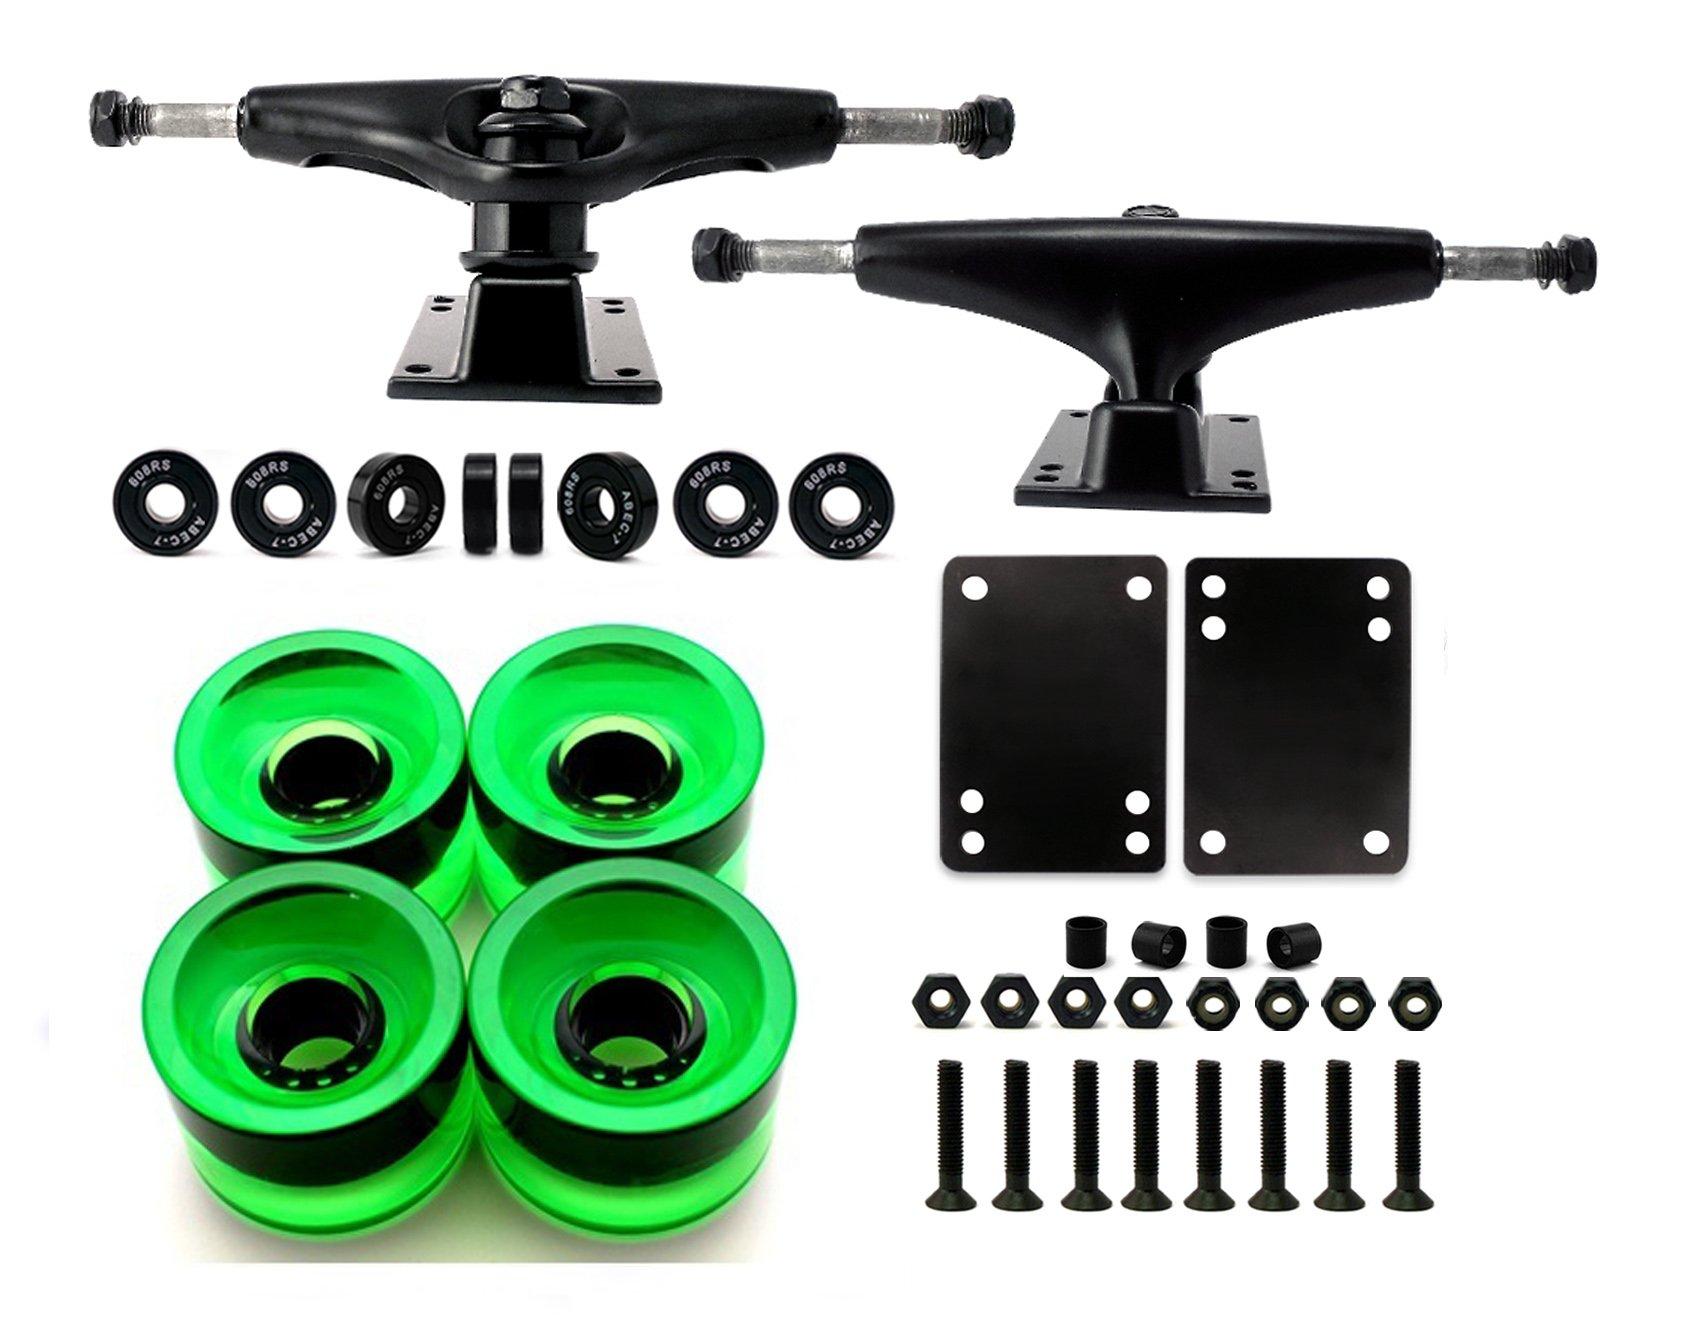 VJ Skateboard Truck and Wheel, 5.0 Skateboard Trucks (Black) w/Skateboard Crusier Wheel 60mm, Skateboard Bearings, Skateboard Screws, Skateboard Riser Pads (Gel Green) by VJ